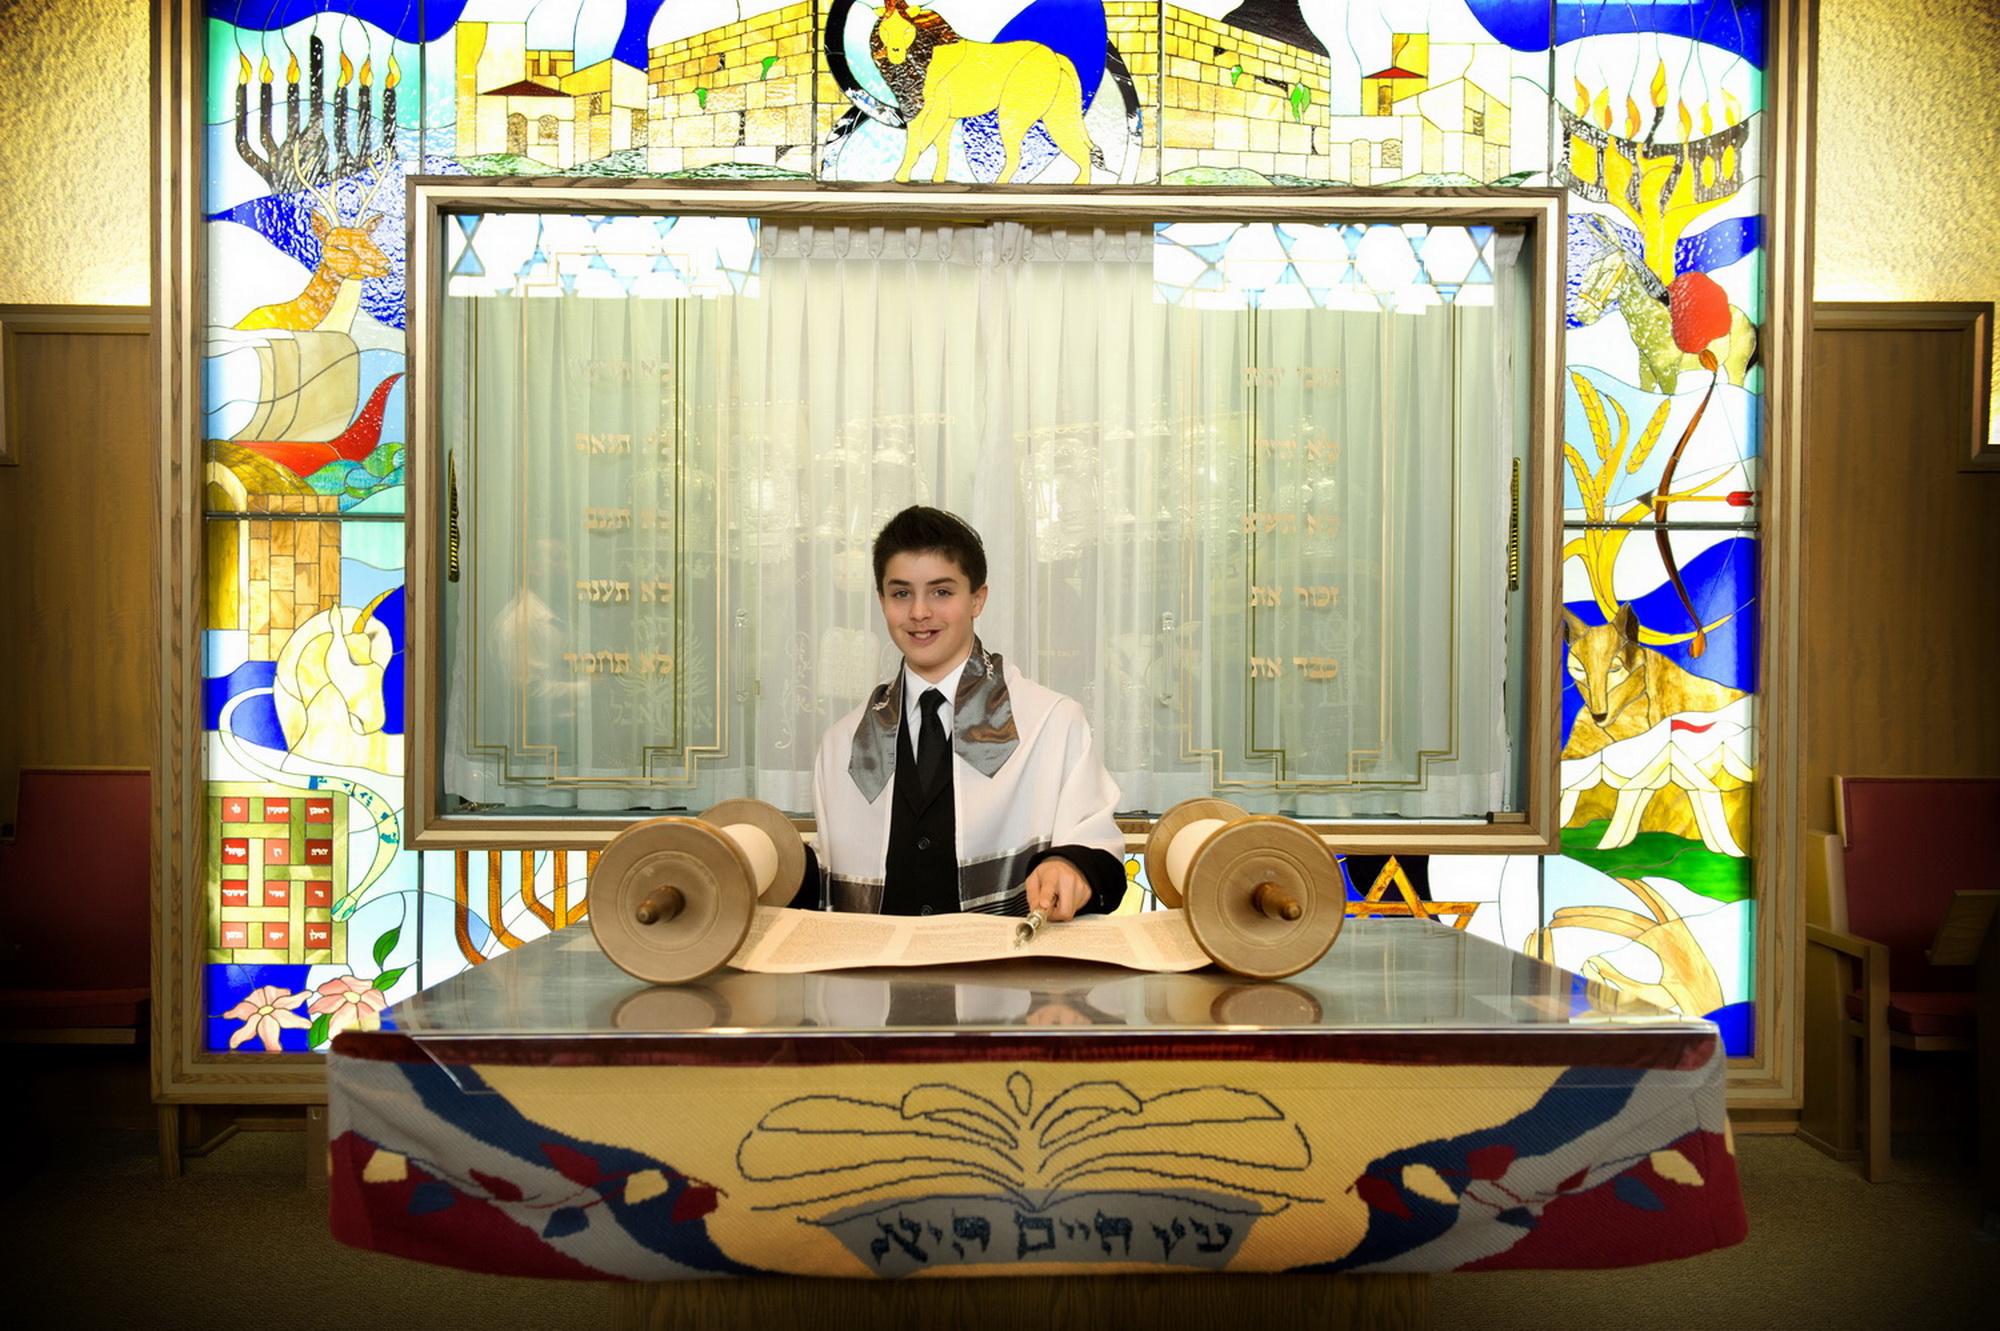 010-bar mitzvahs in winnipeg.jpg